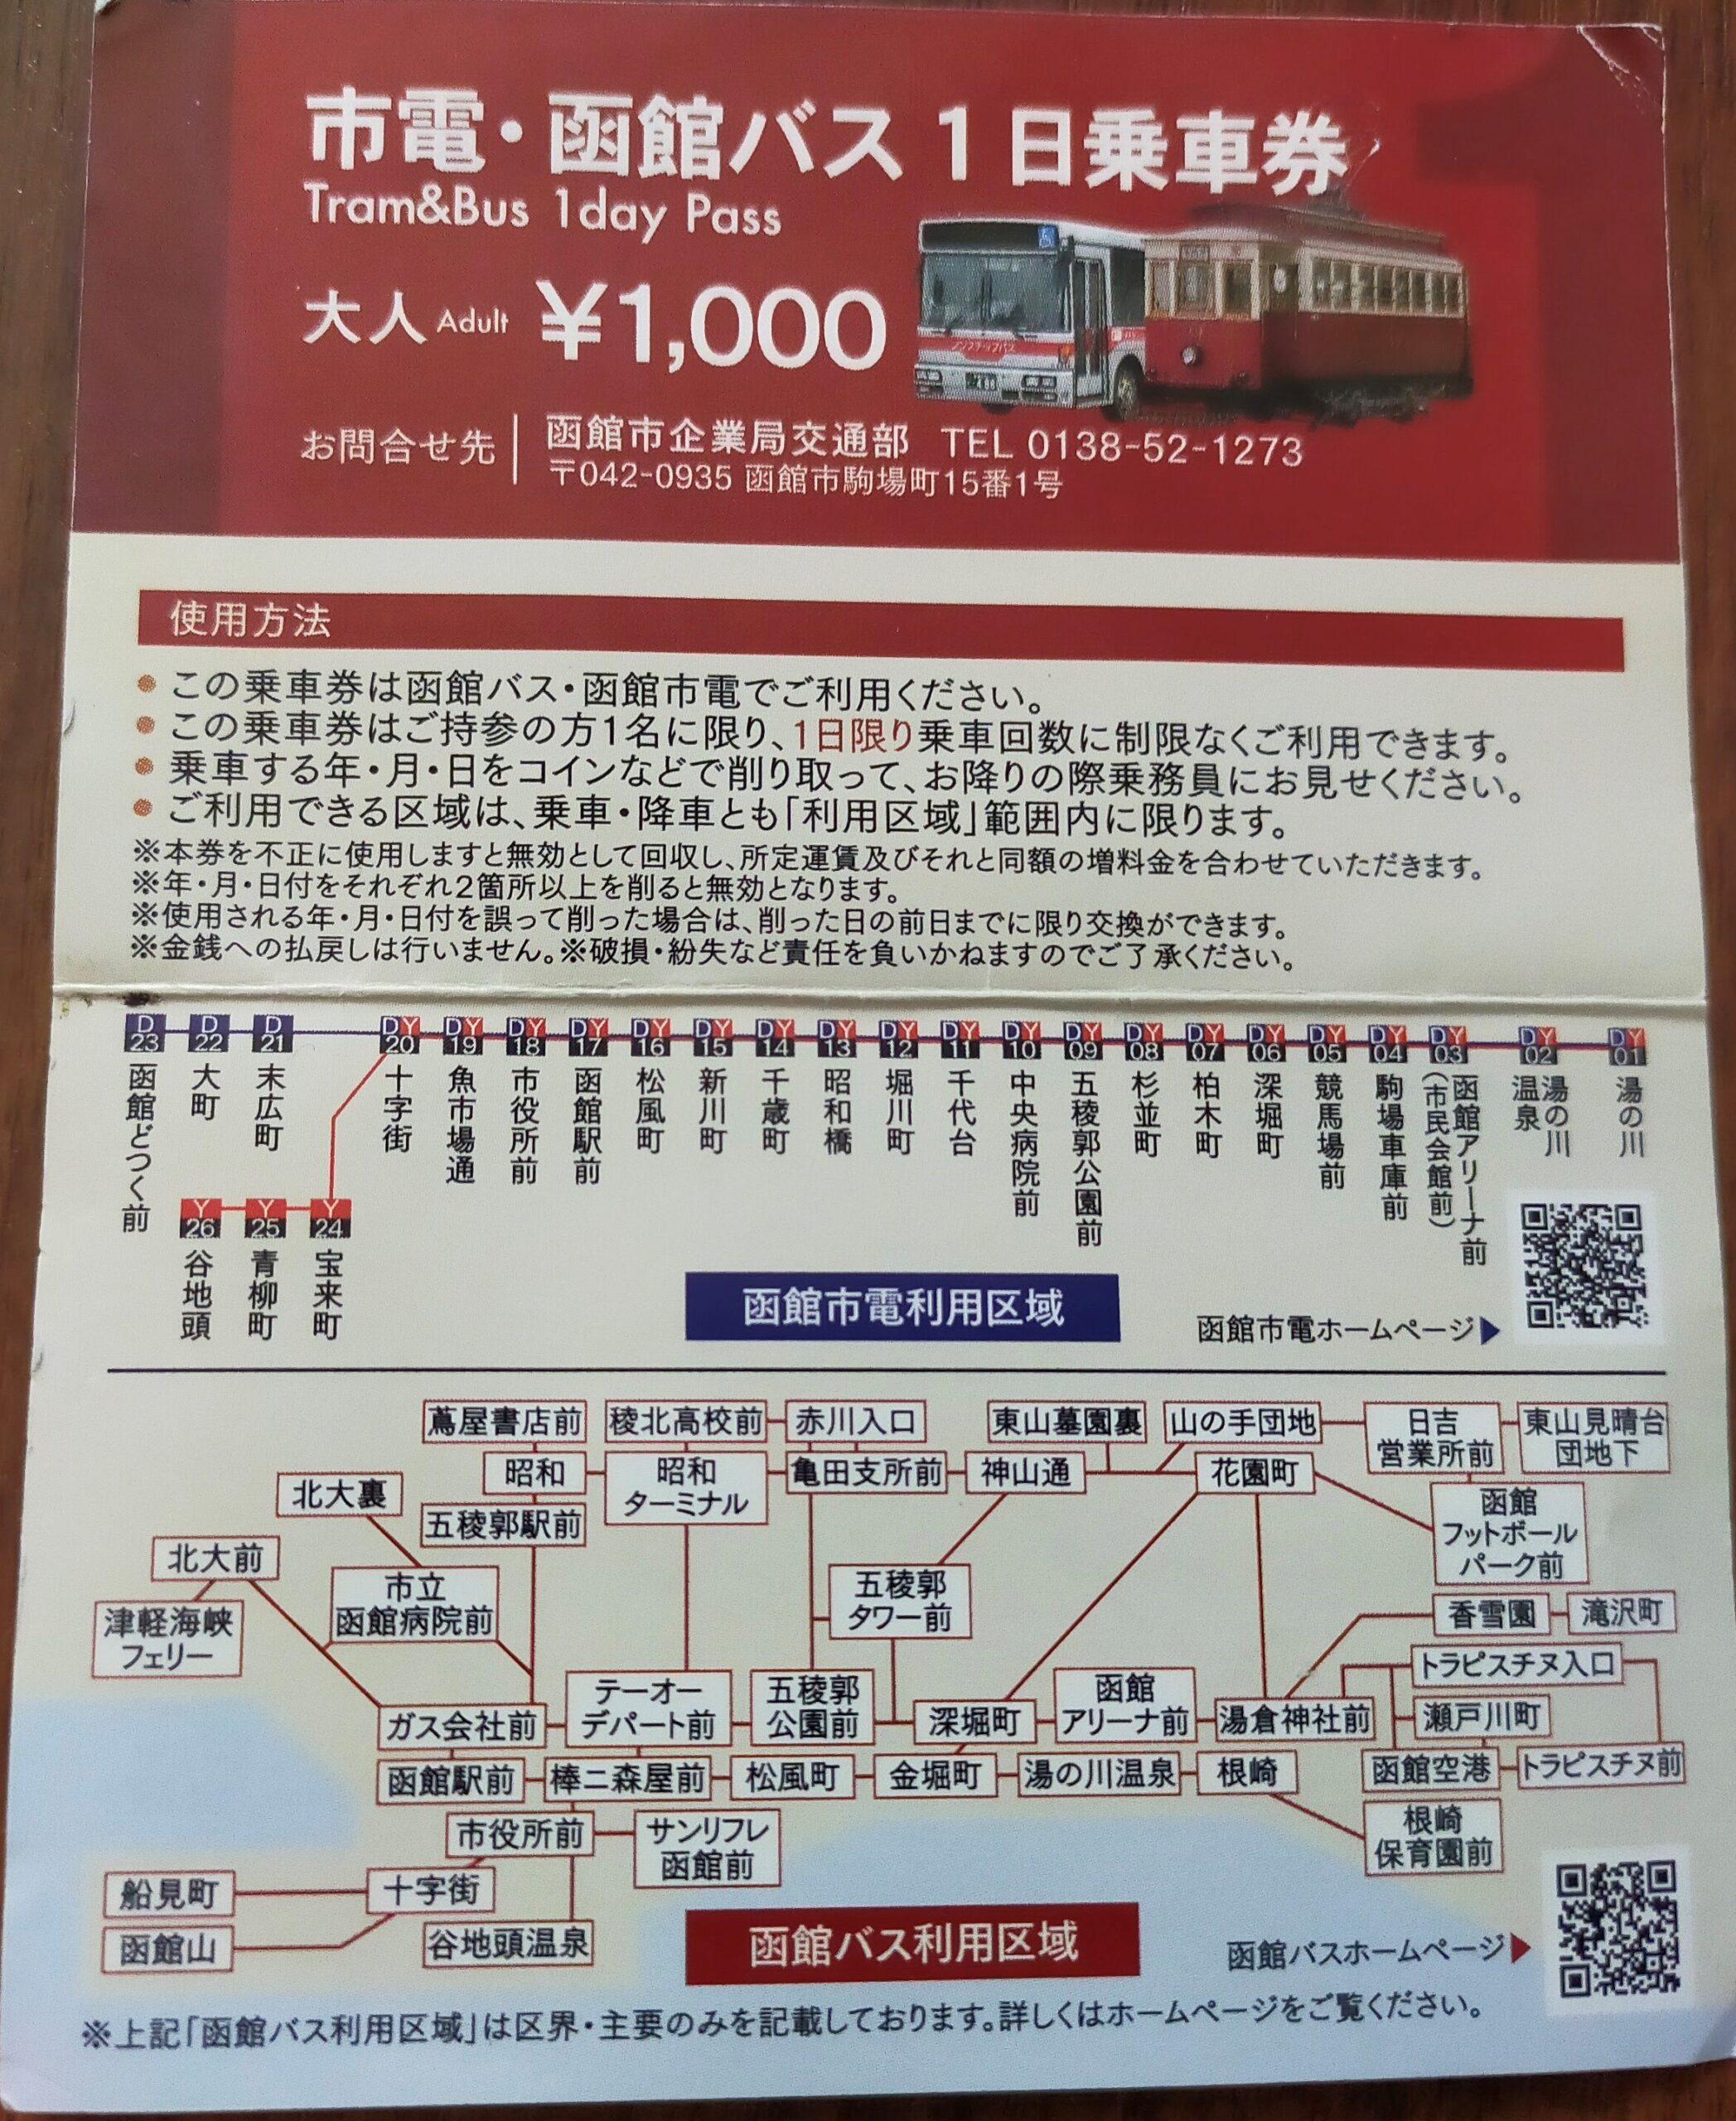 市電・函館バス共通1日乗車券の画像